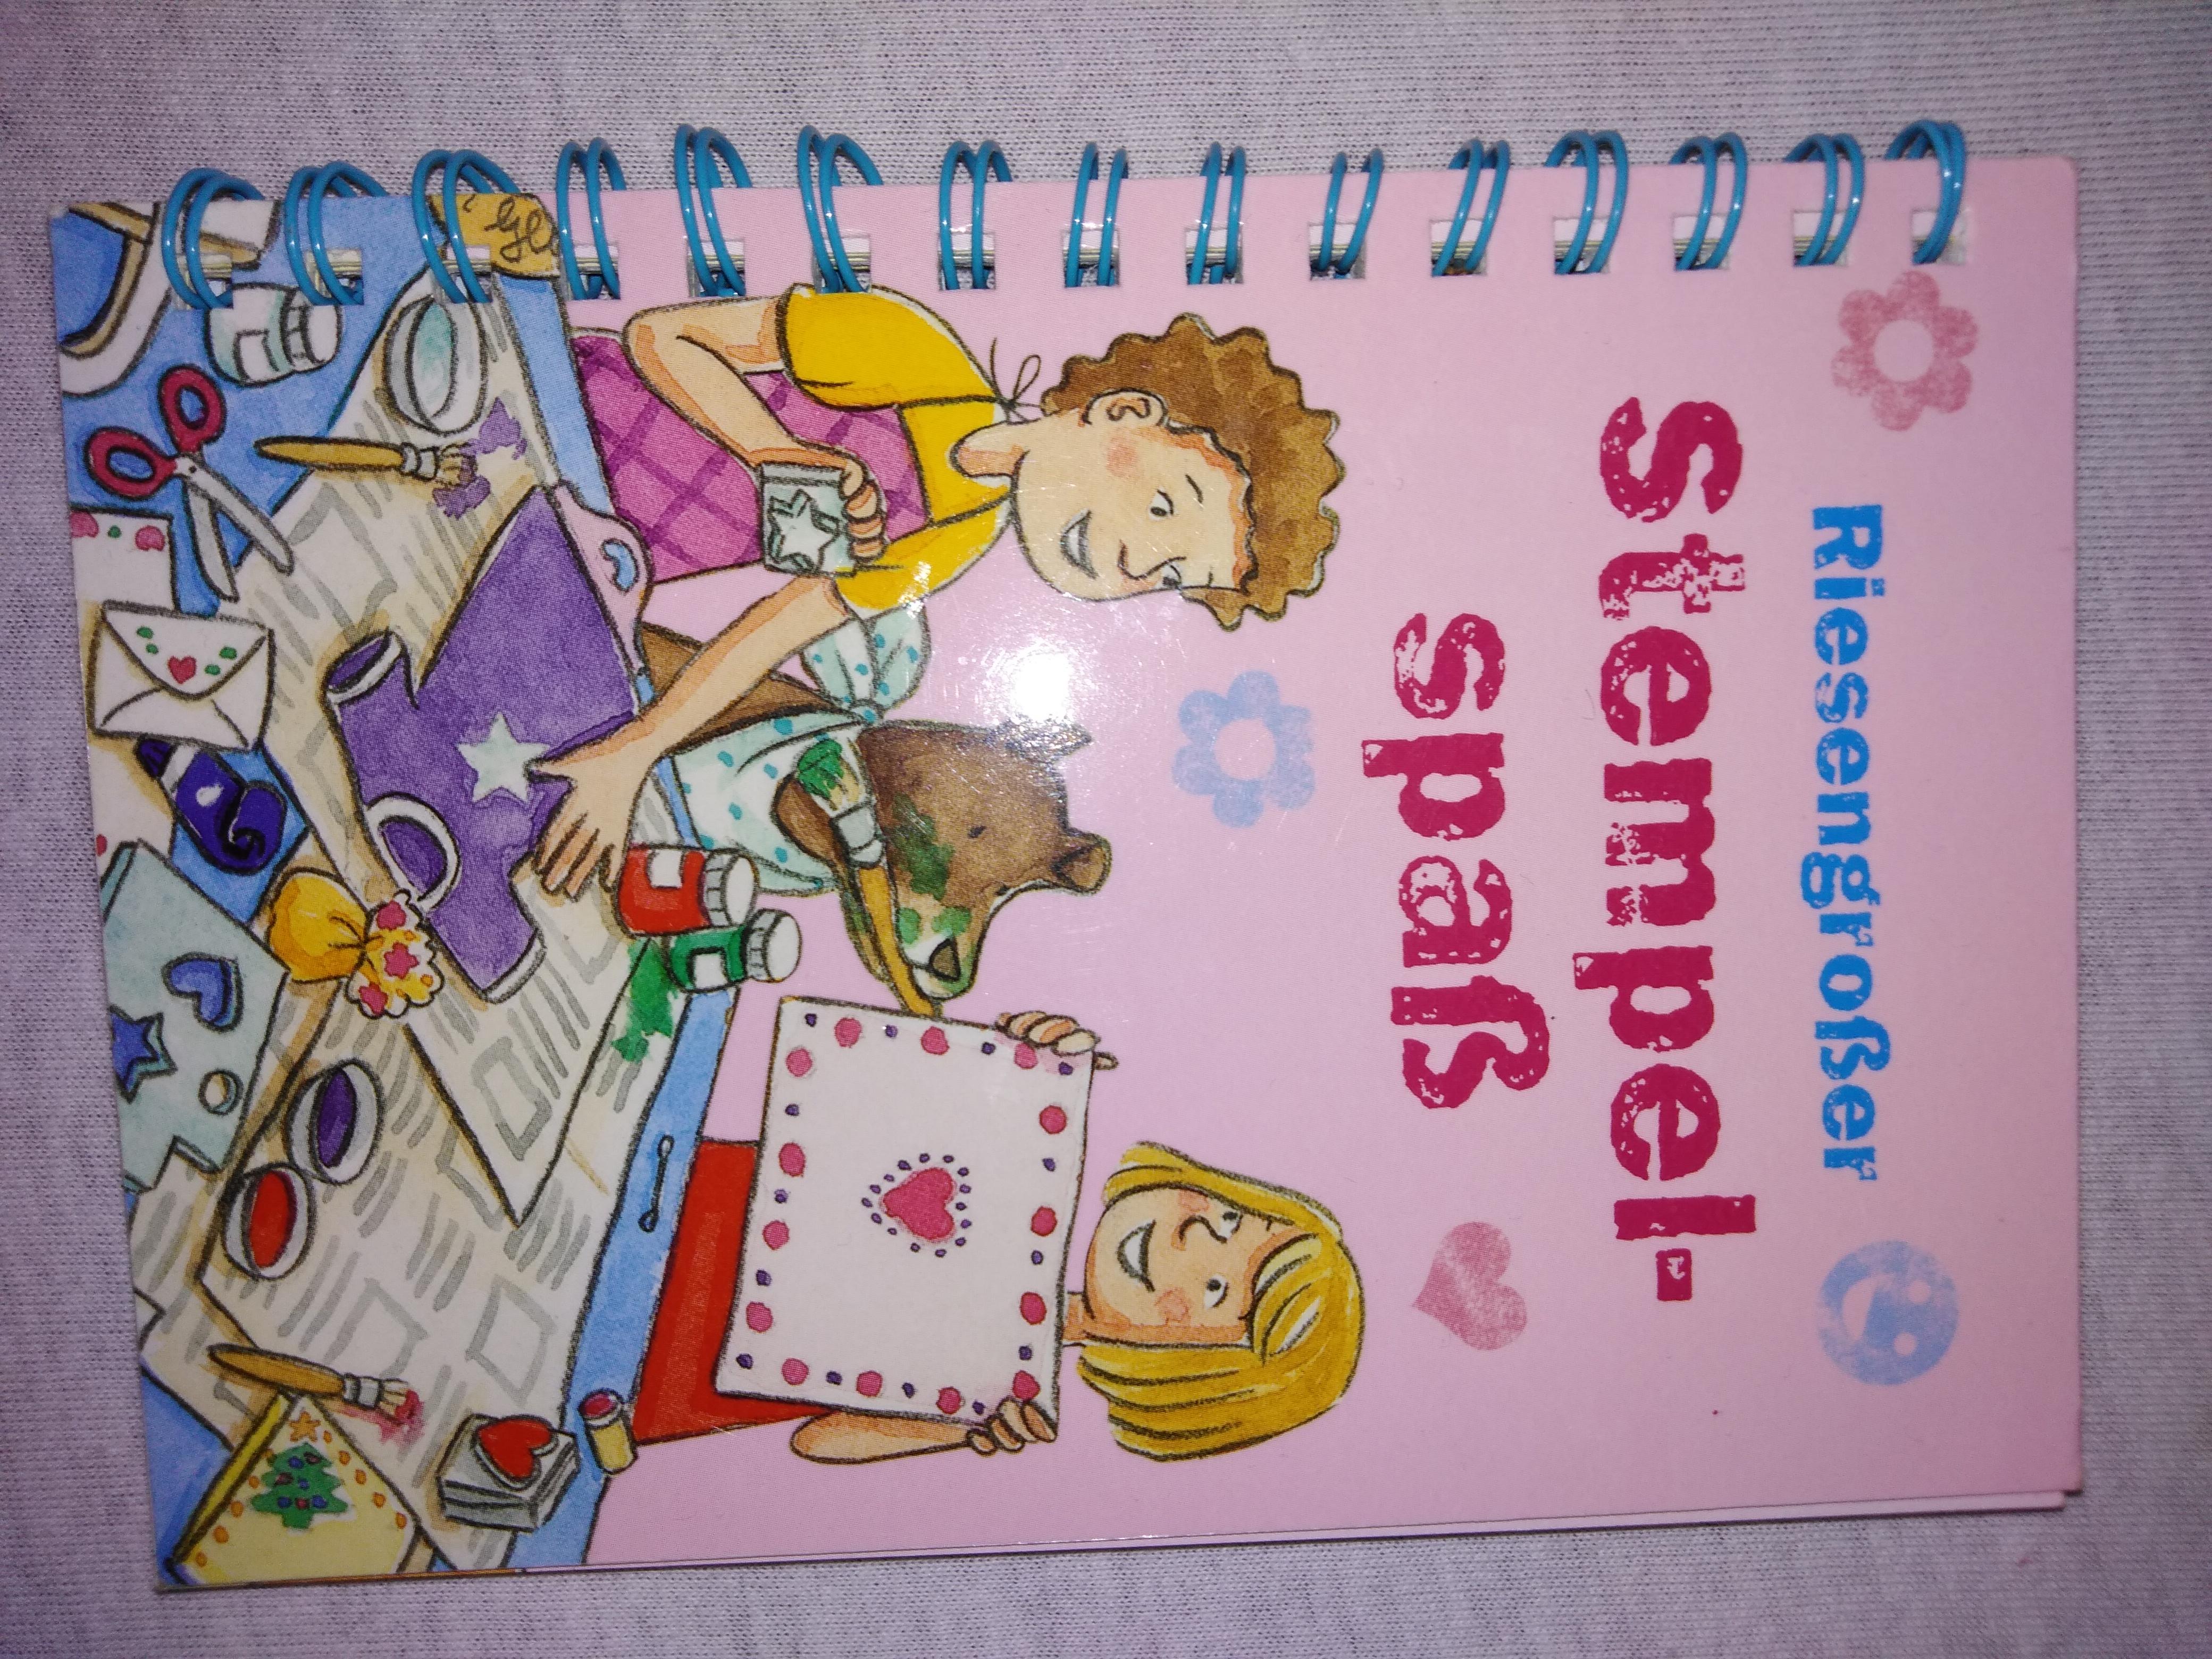 Bastelbuch Stempelspaß tauschen